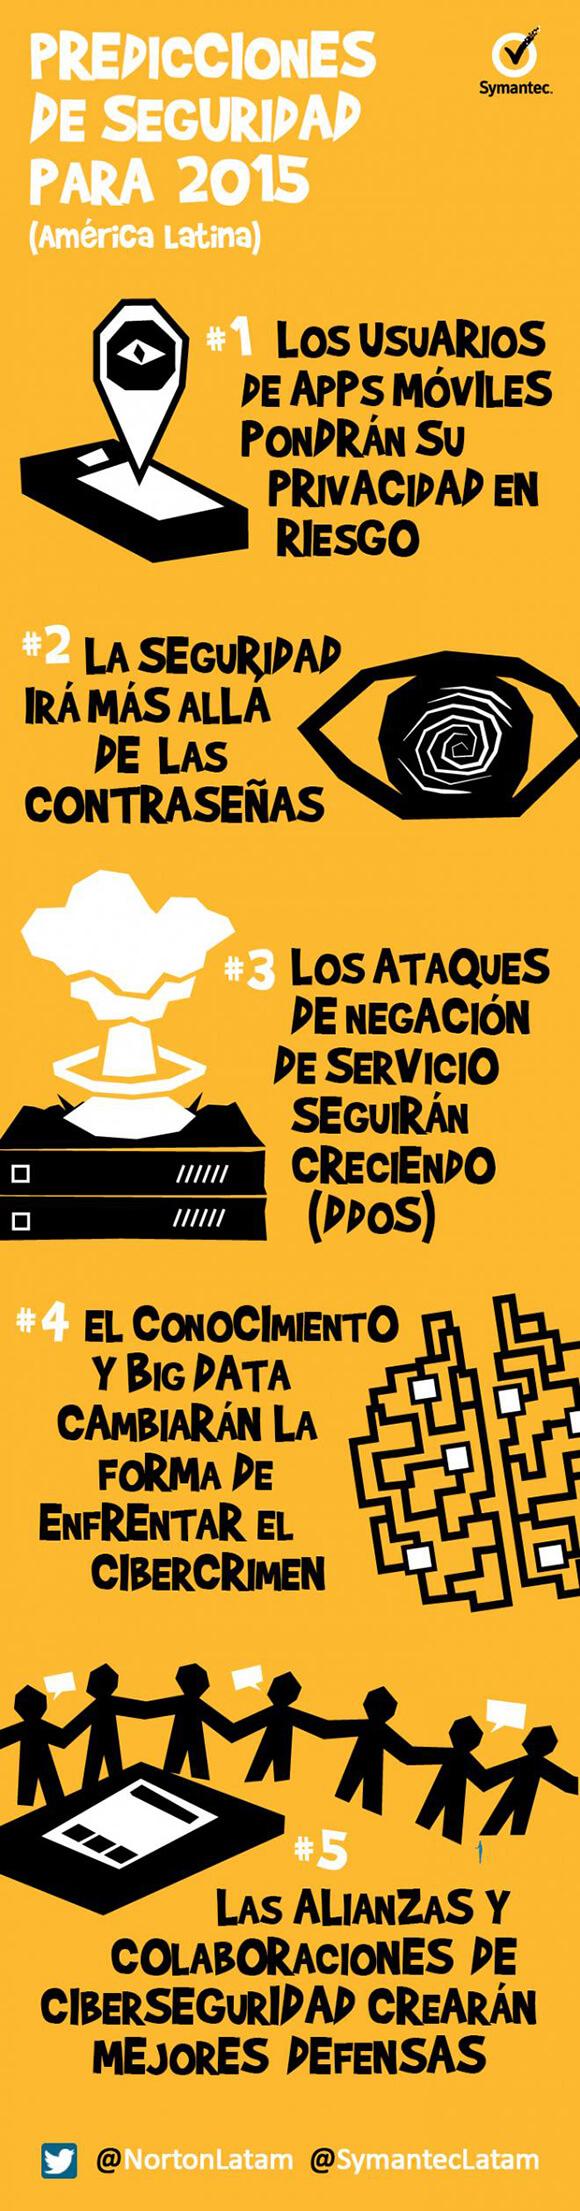 Infografía Symantec Predicciones 2015 Seguridad SPA